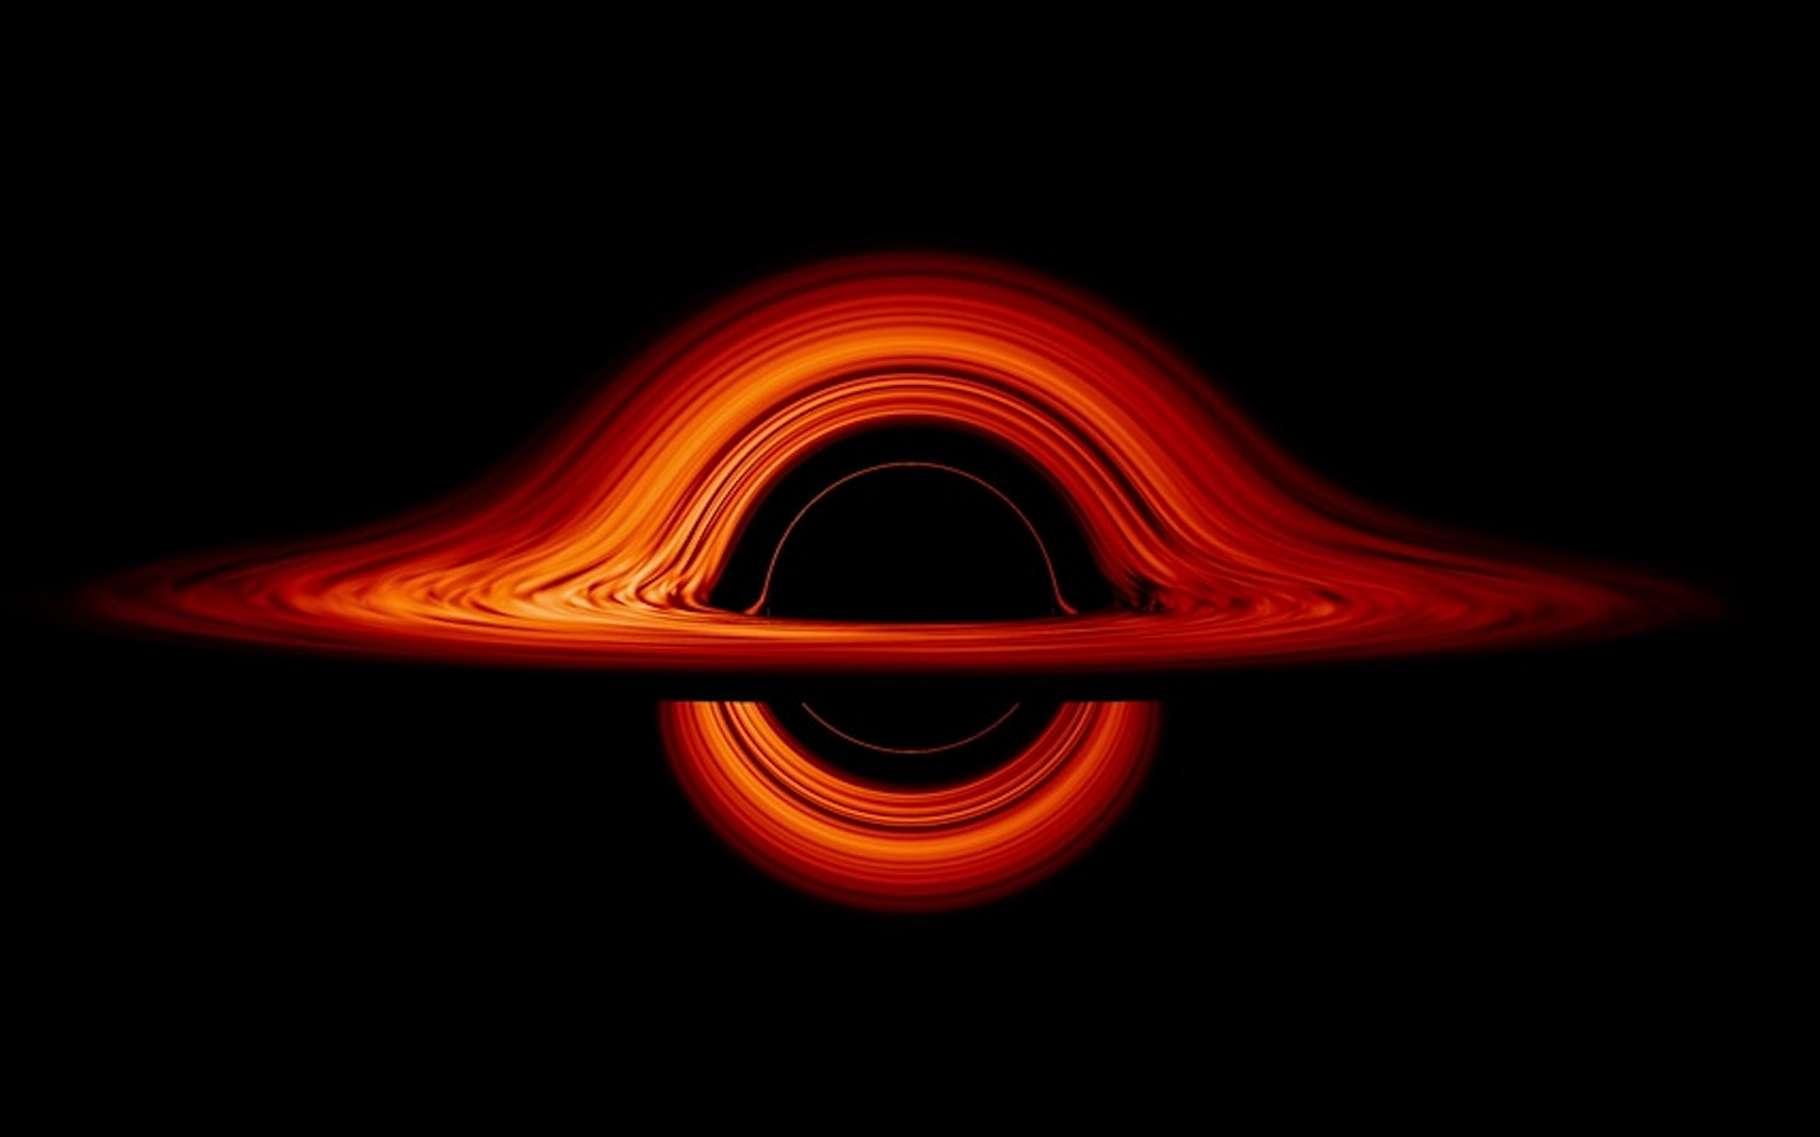 Une simulation de la Nasa montre comment un trou noir peut déformer l'espace-temps dans ses environs. © Jeremy Schnittman, Nasa's Goddard Space Flight Center